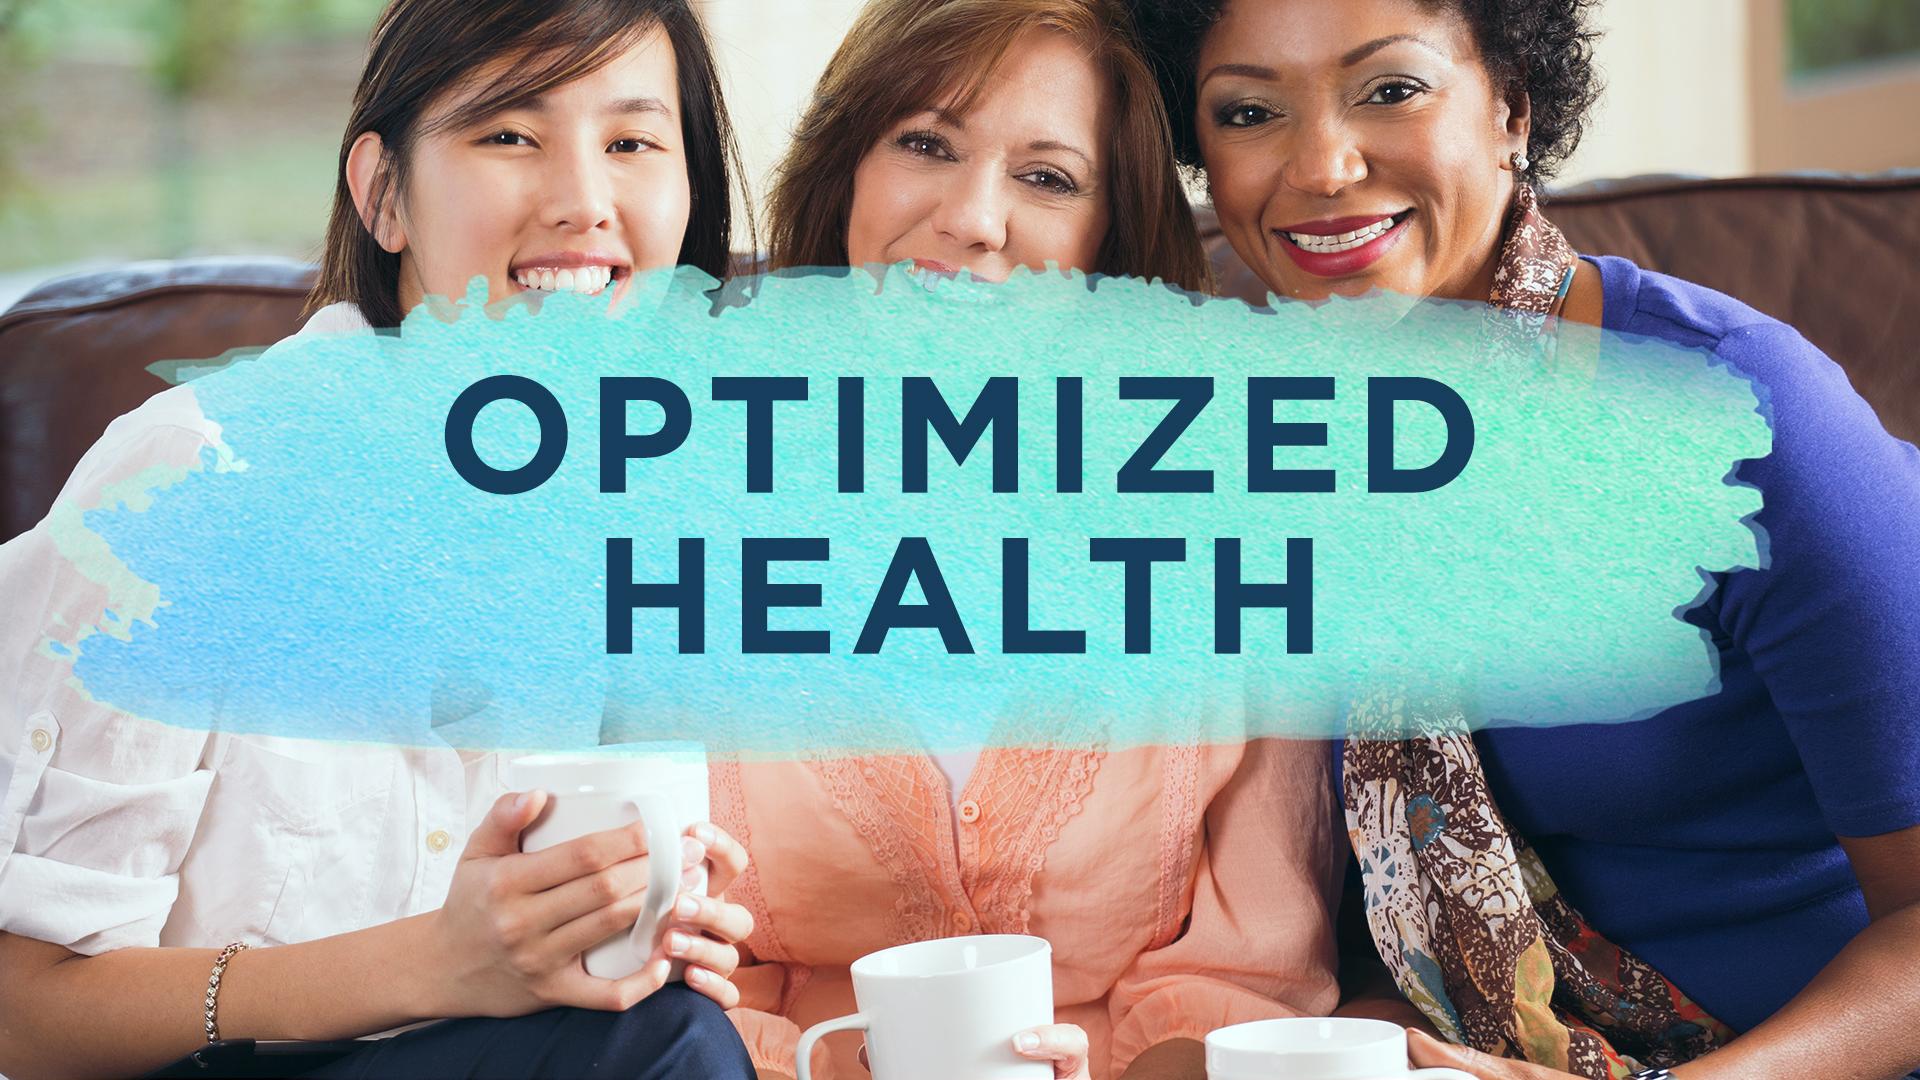 Optimized Health - Overlay.jpg